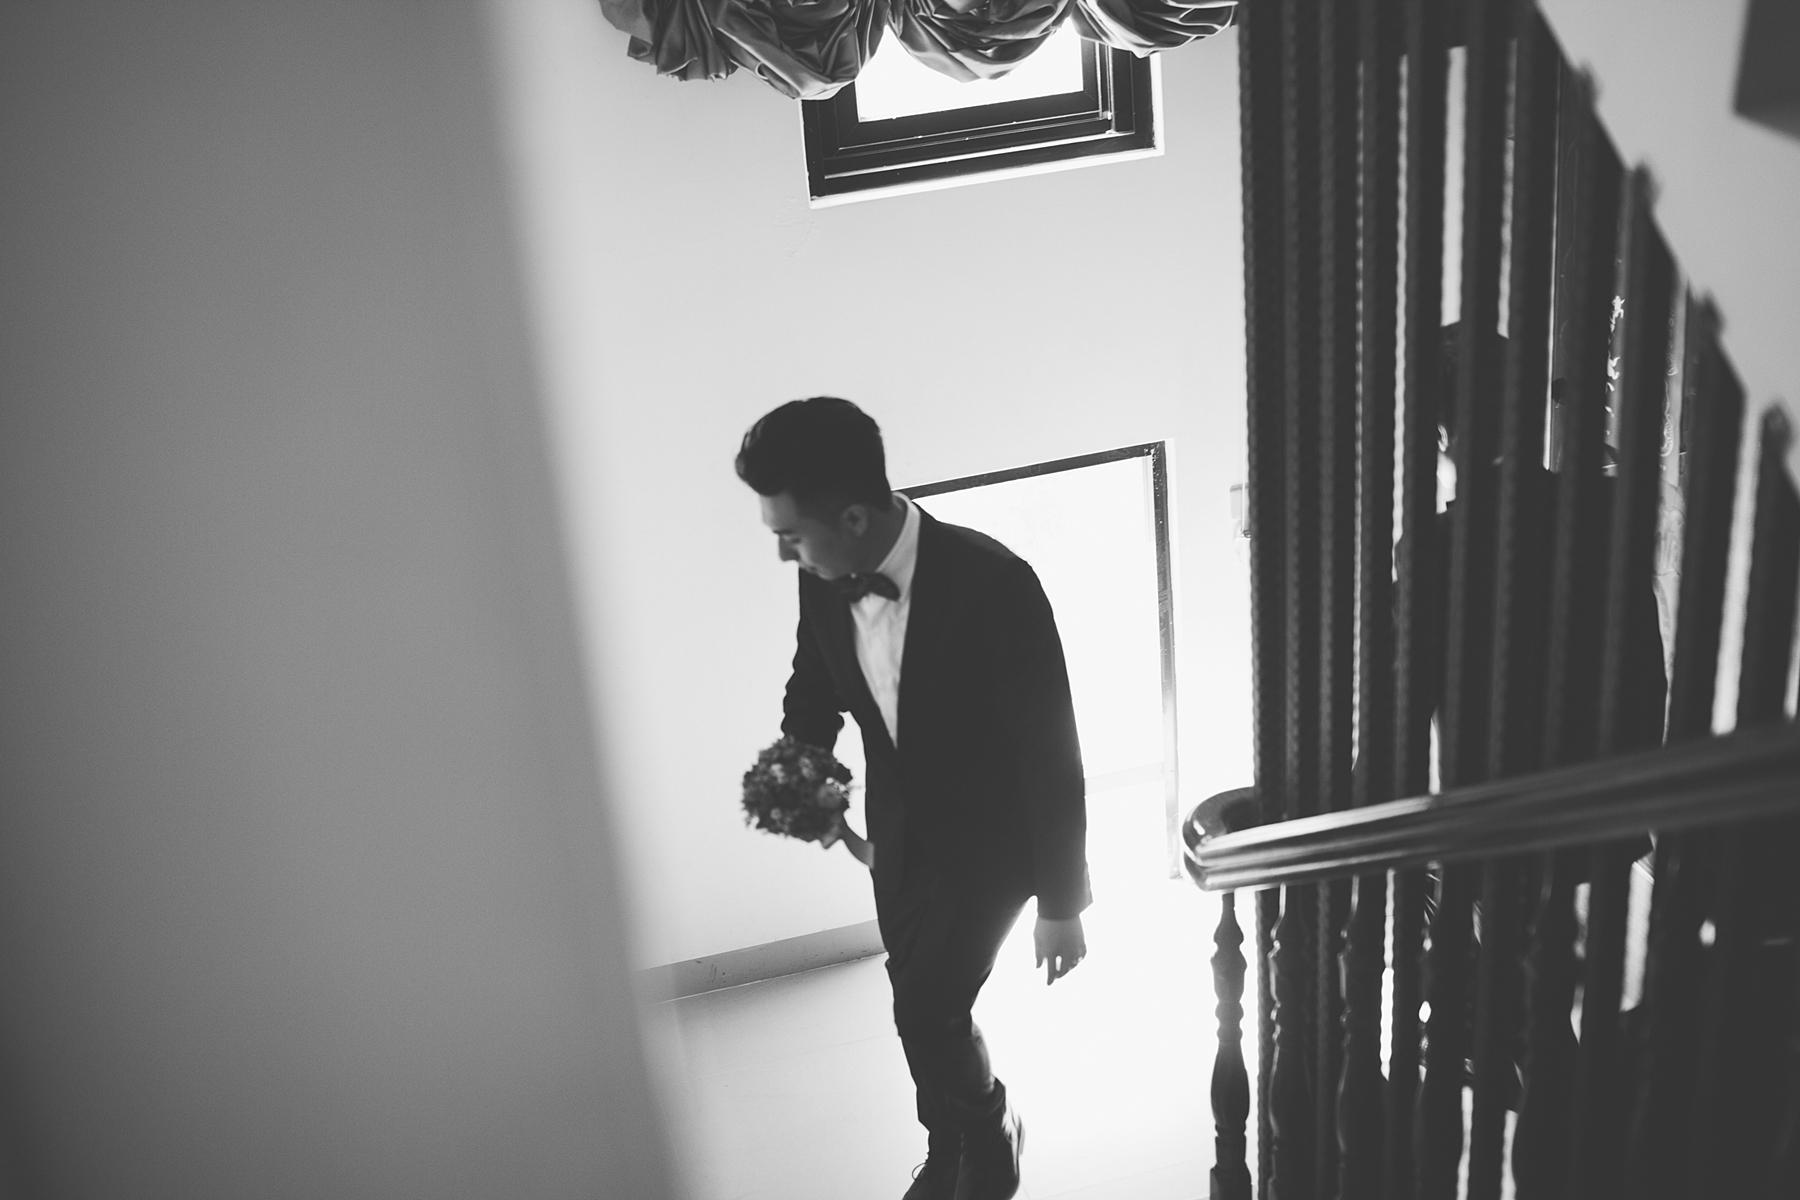 【婚禮攝影 新北】韋均 & 珮吟 | 新莊典華 底片風格